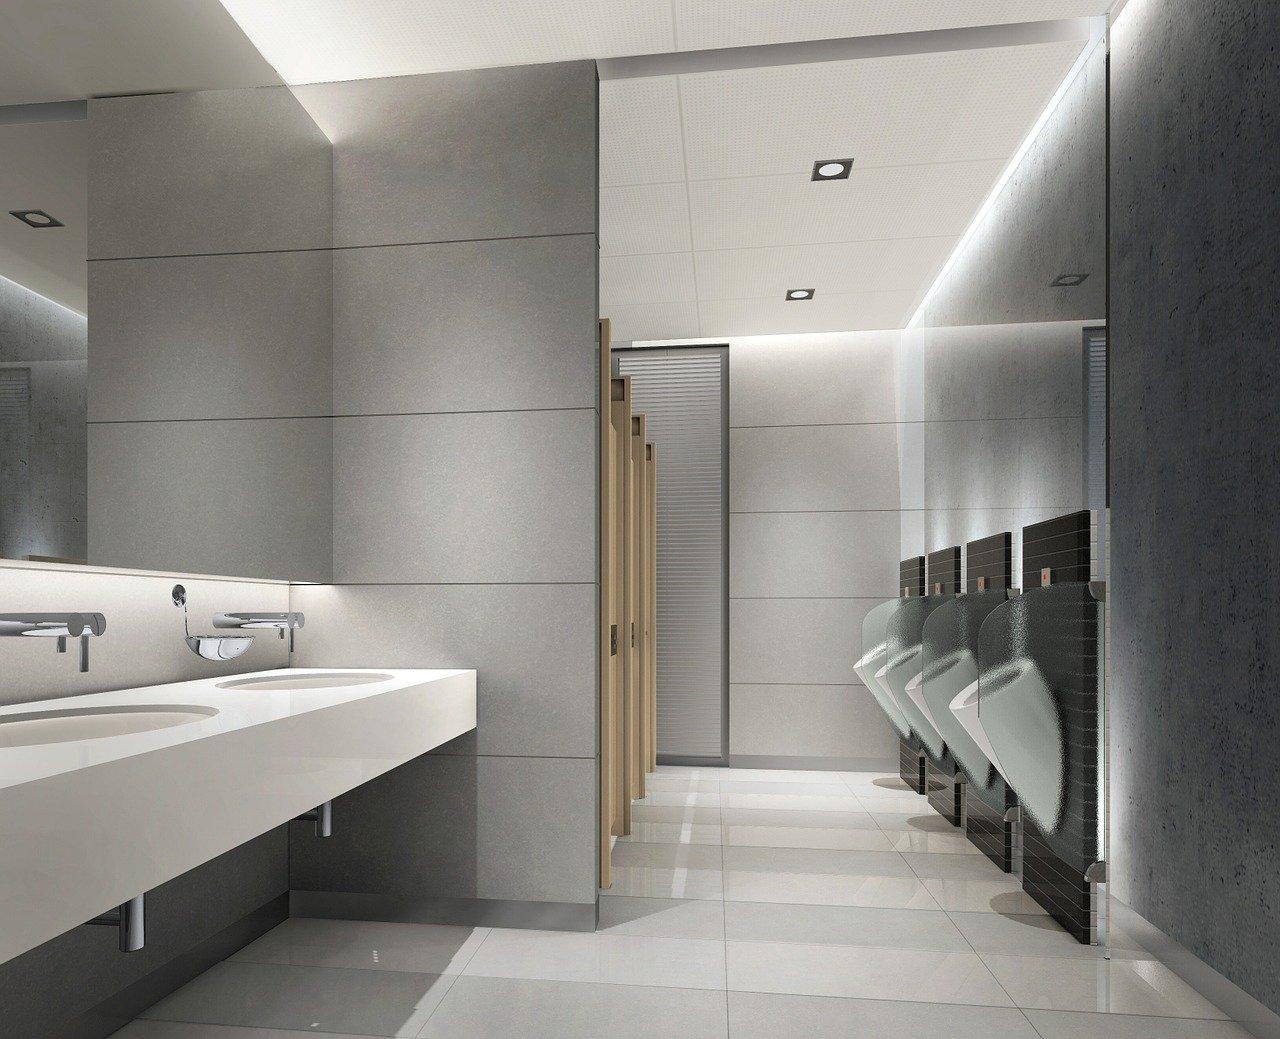 interior-wc-rendering-1026466.jpg